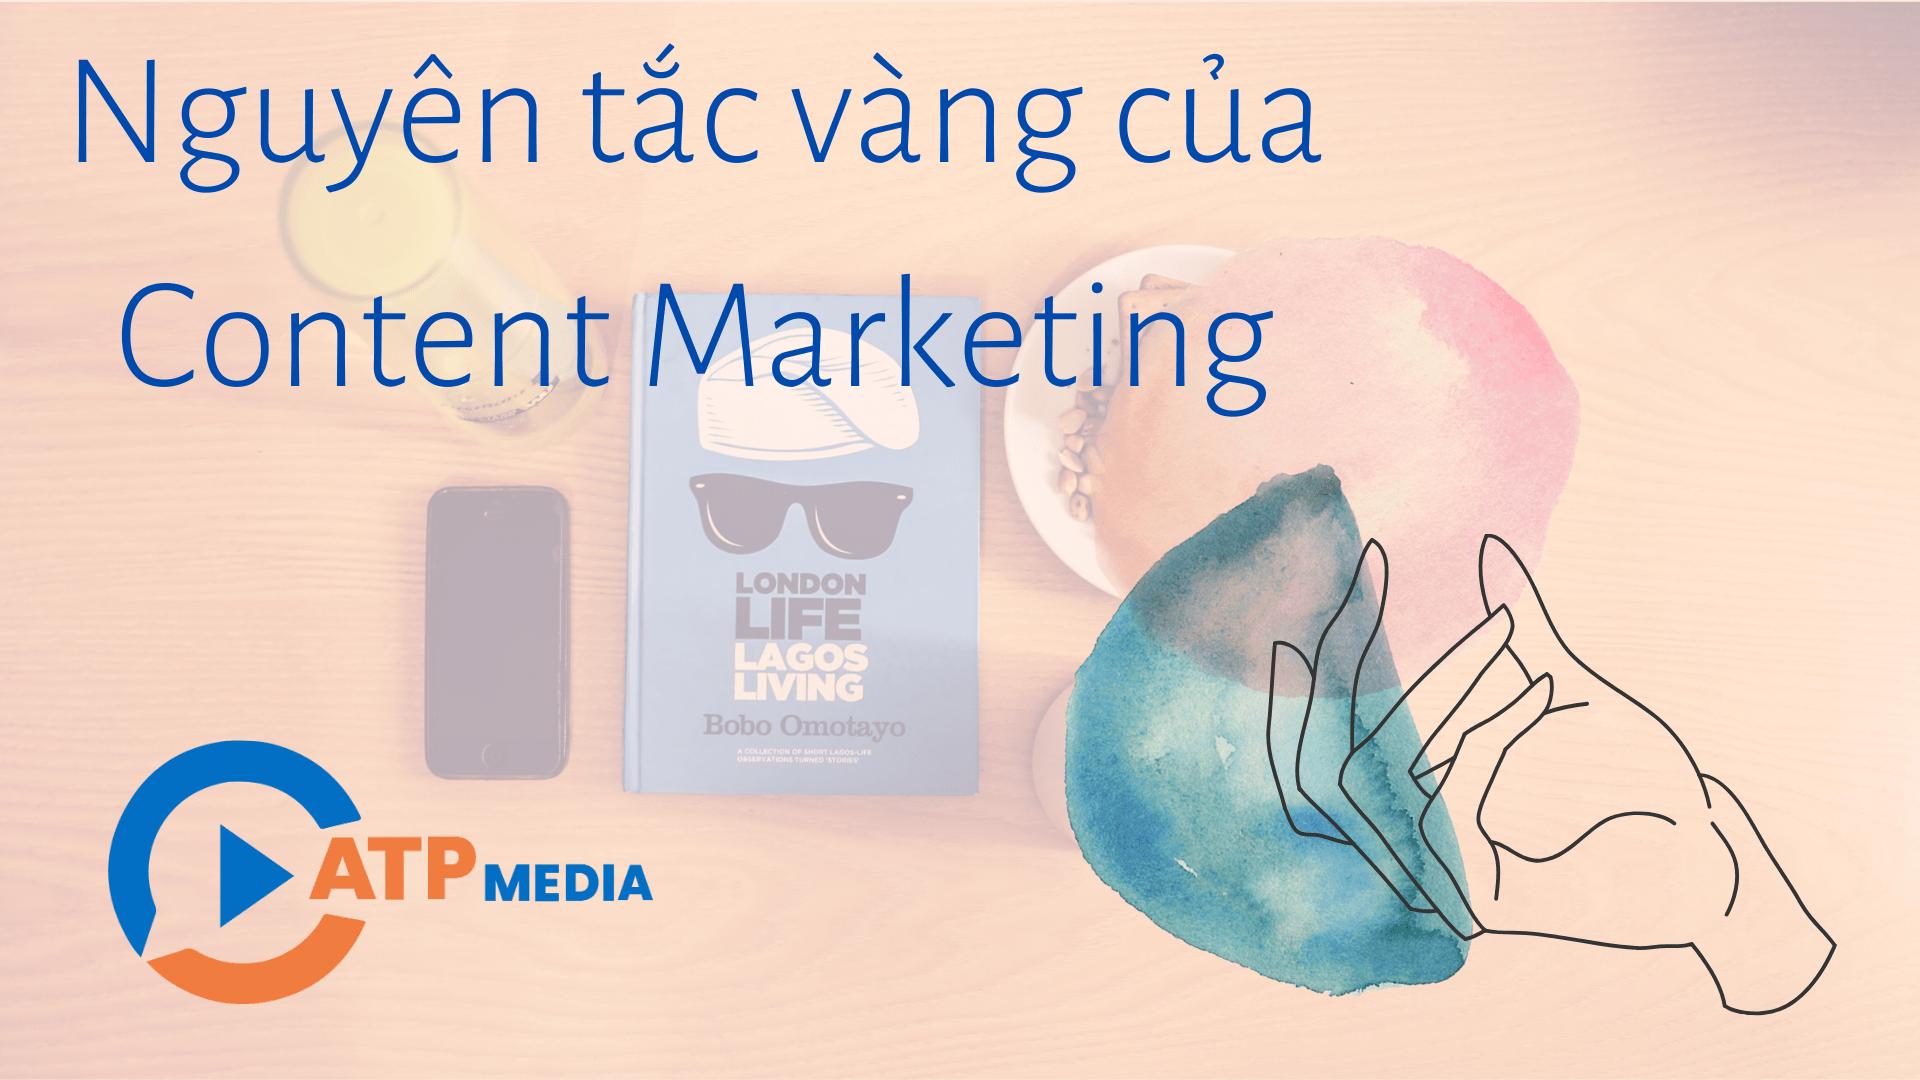 Nguyên tắc vàng của Content Marketing